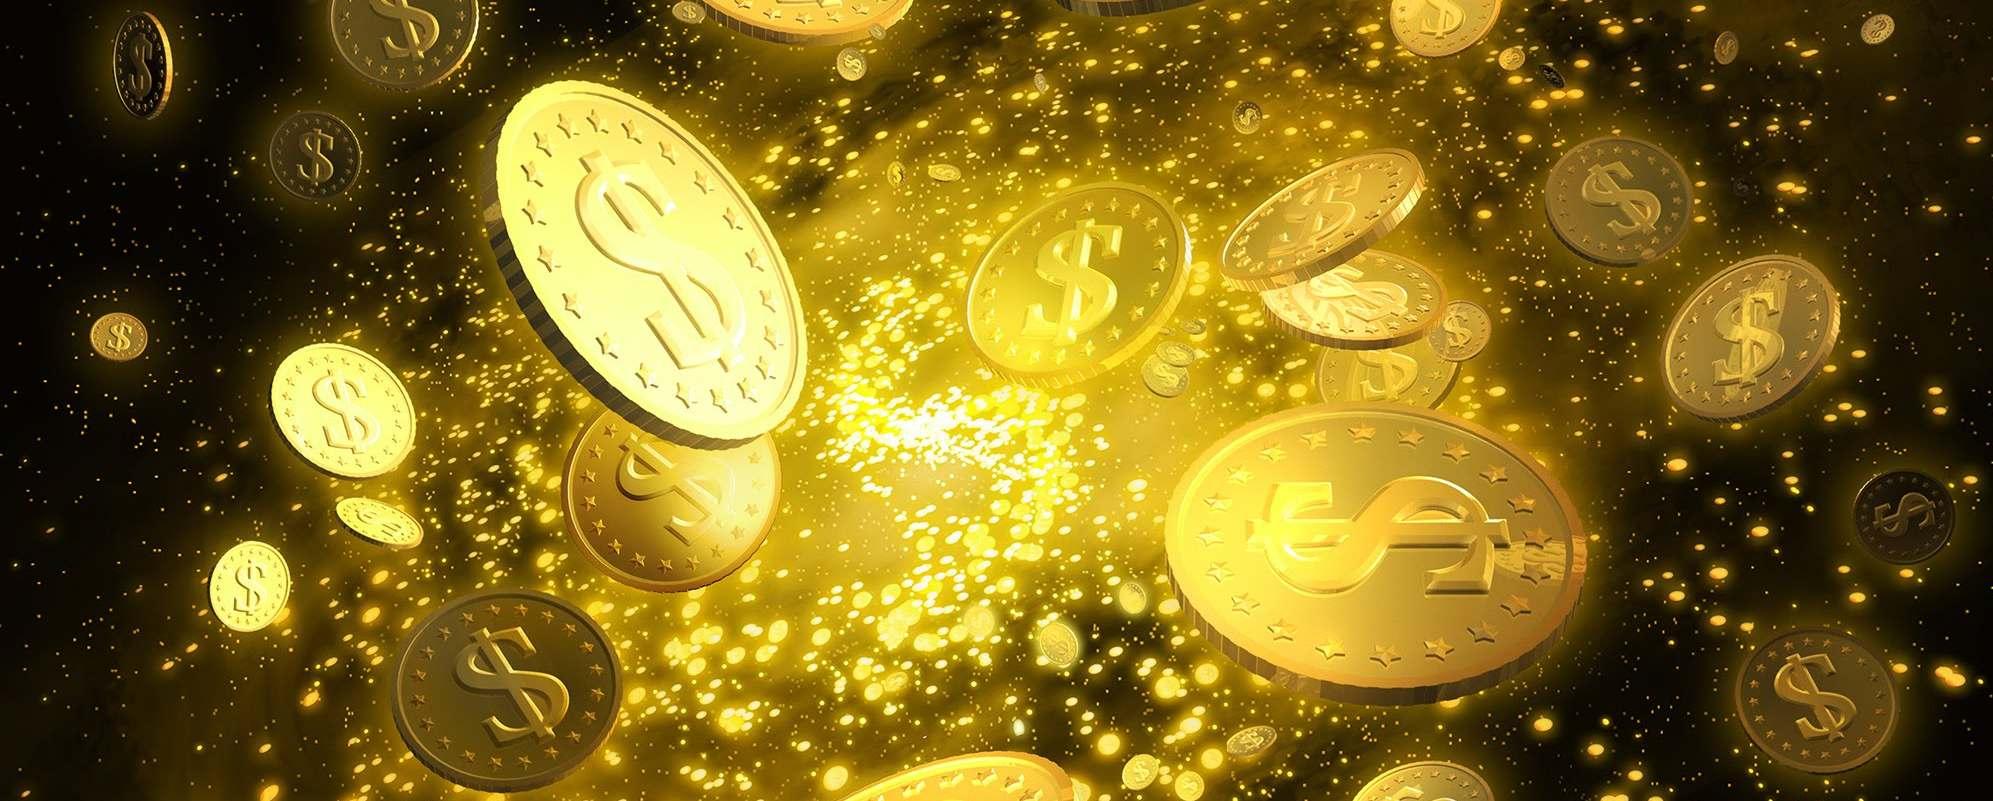 Энергия денег или почему мы стесняемся быть богатыми